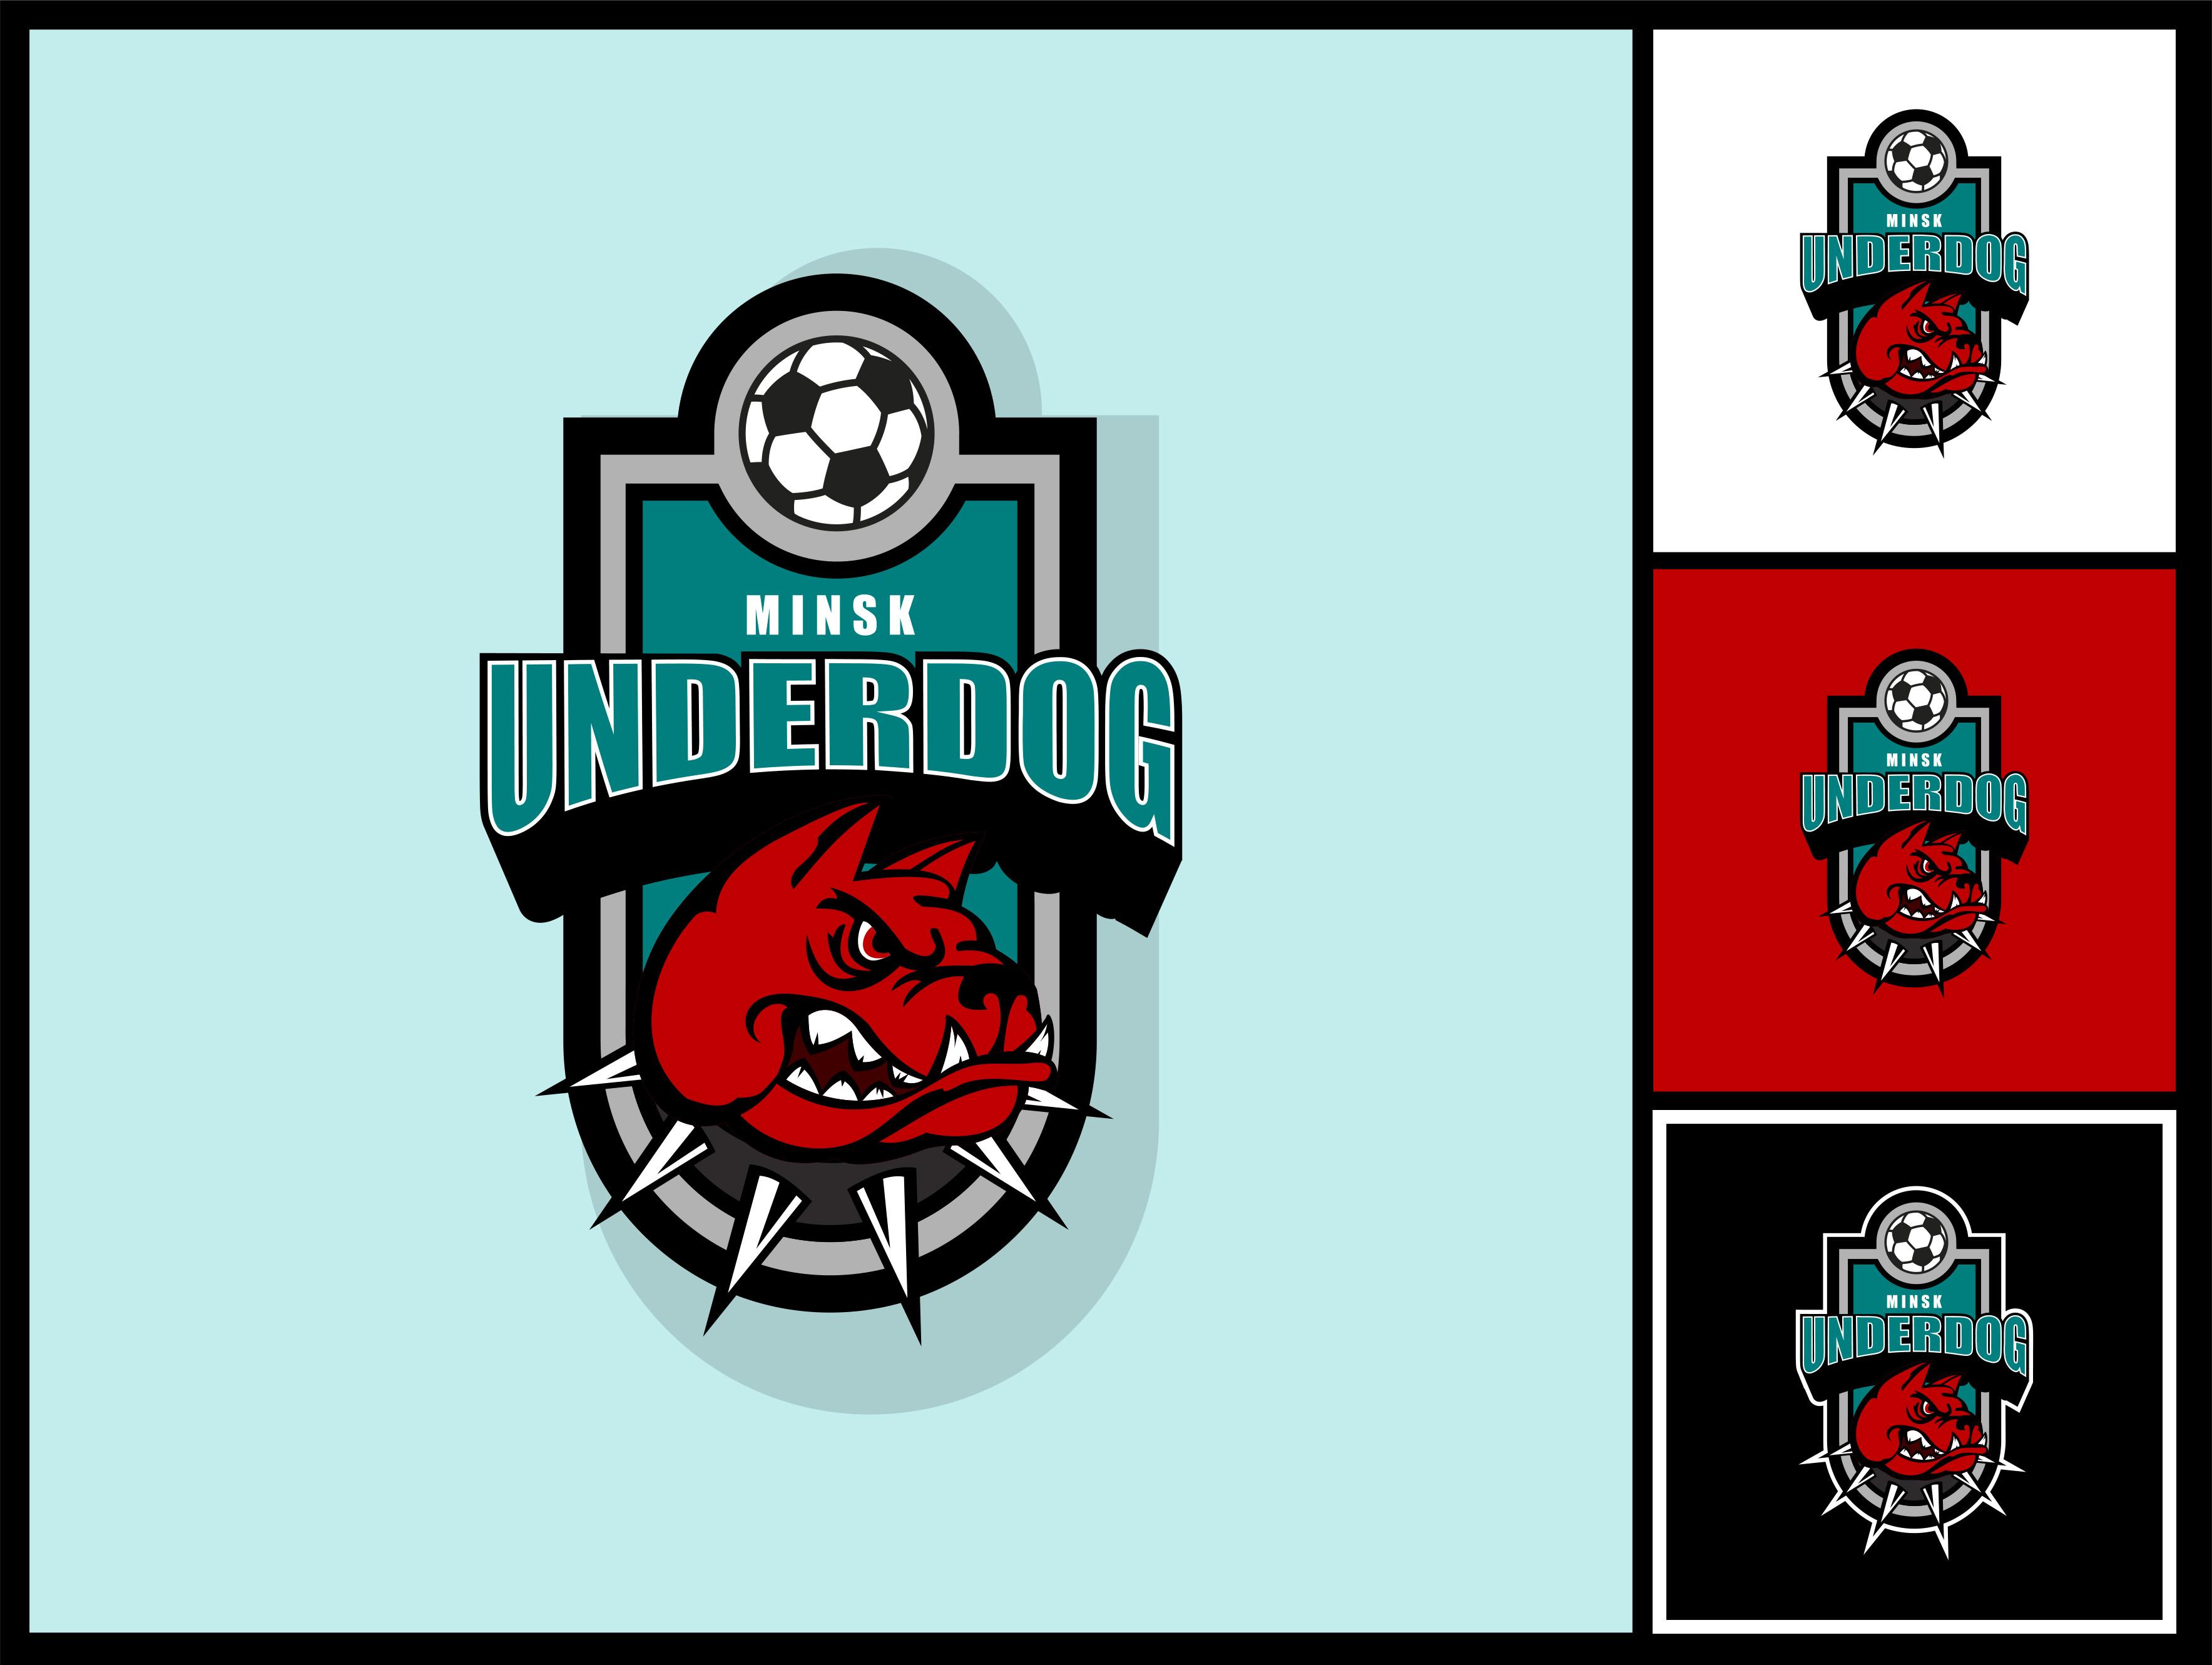 Футбольный клуб UNDERDOG - разработать фирстиль и бренд-бук фото f_8105cb09803bc69f.jpg